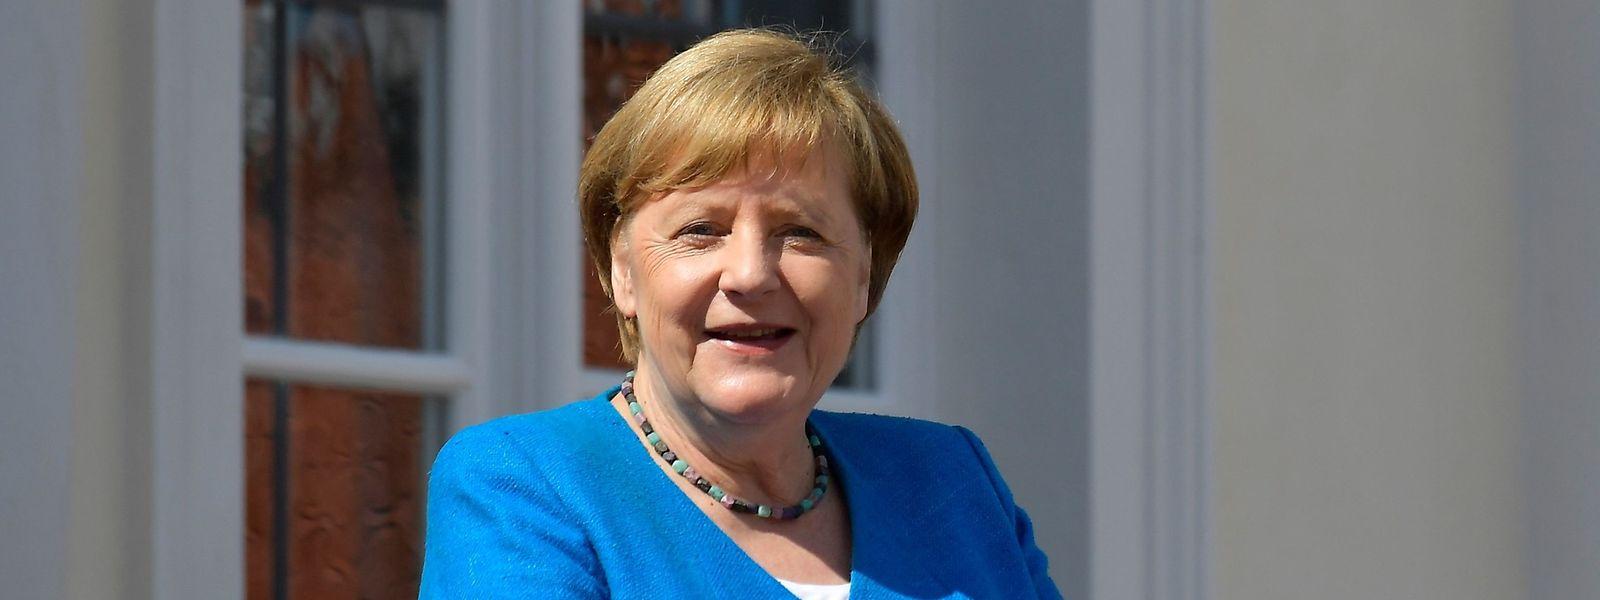 Die deutsche Kanzlerin Angela Merkel feiert am Freitag ihren 66. Geburtstag.